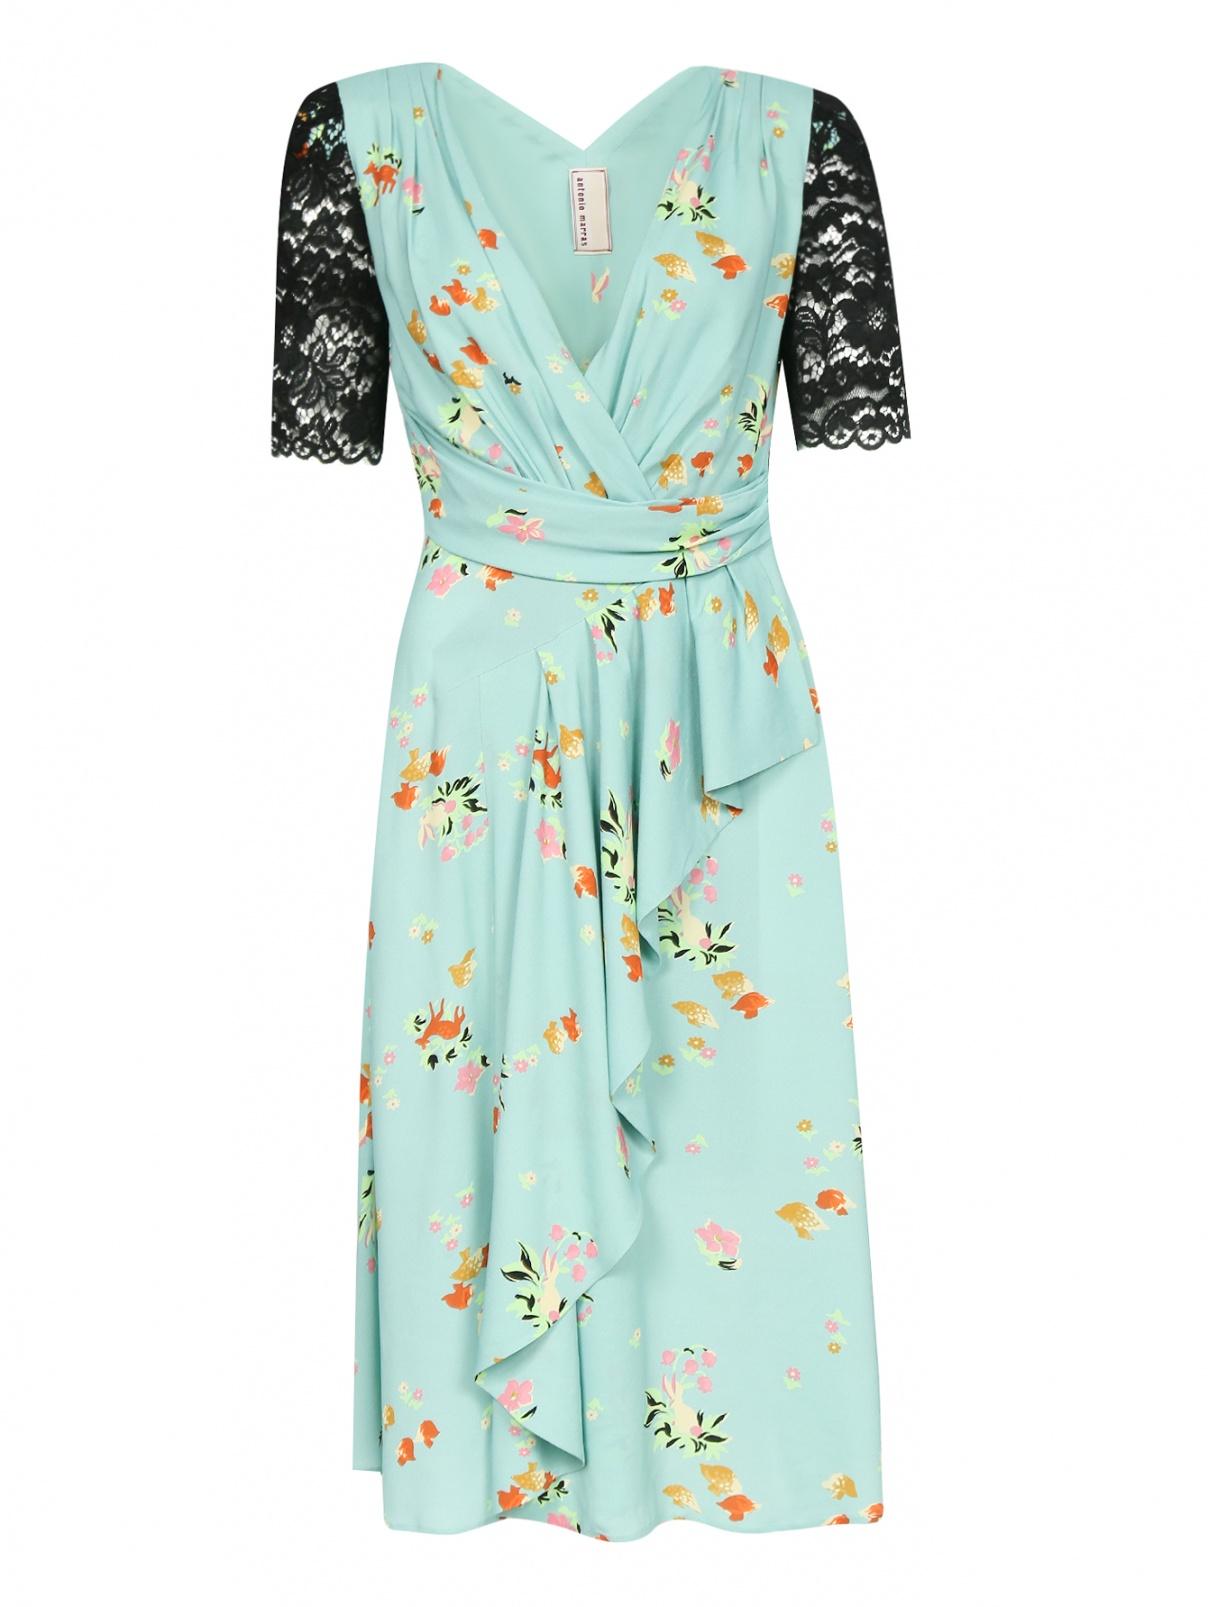 Платье-миди с узором и декоративной отделкой из кружева Antonio Marras  –  Общий вид  – Цвет:  Узор